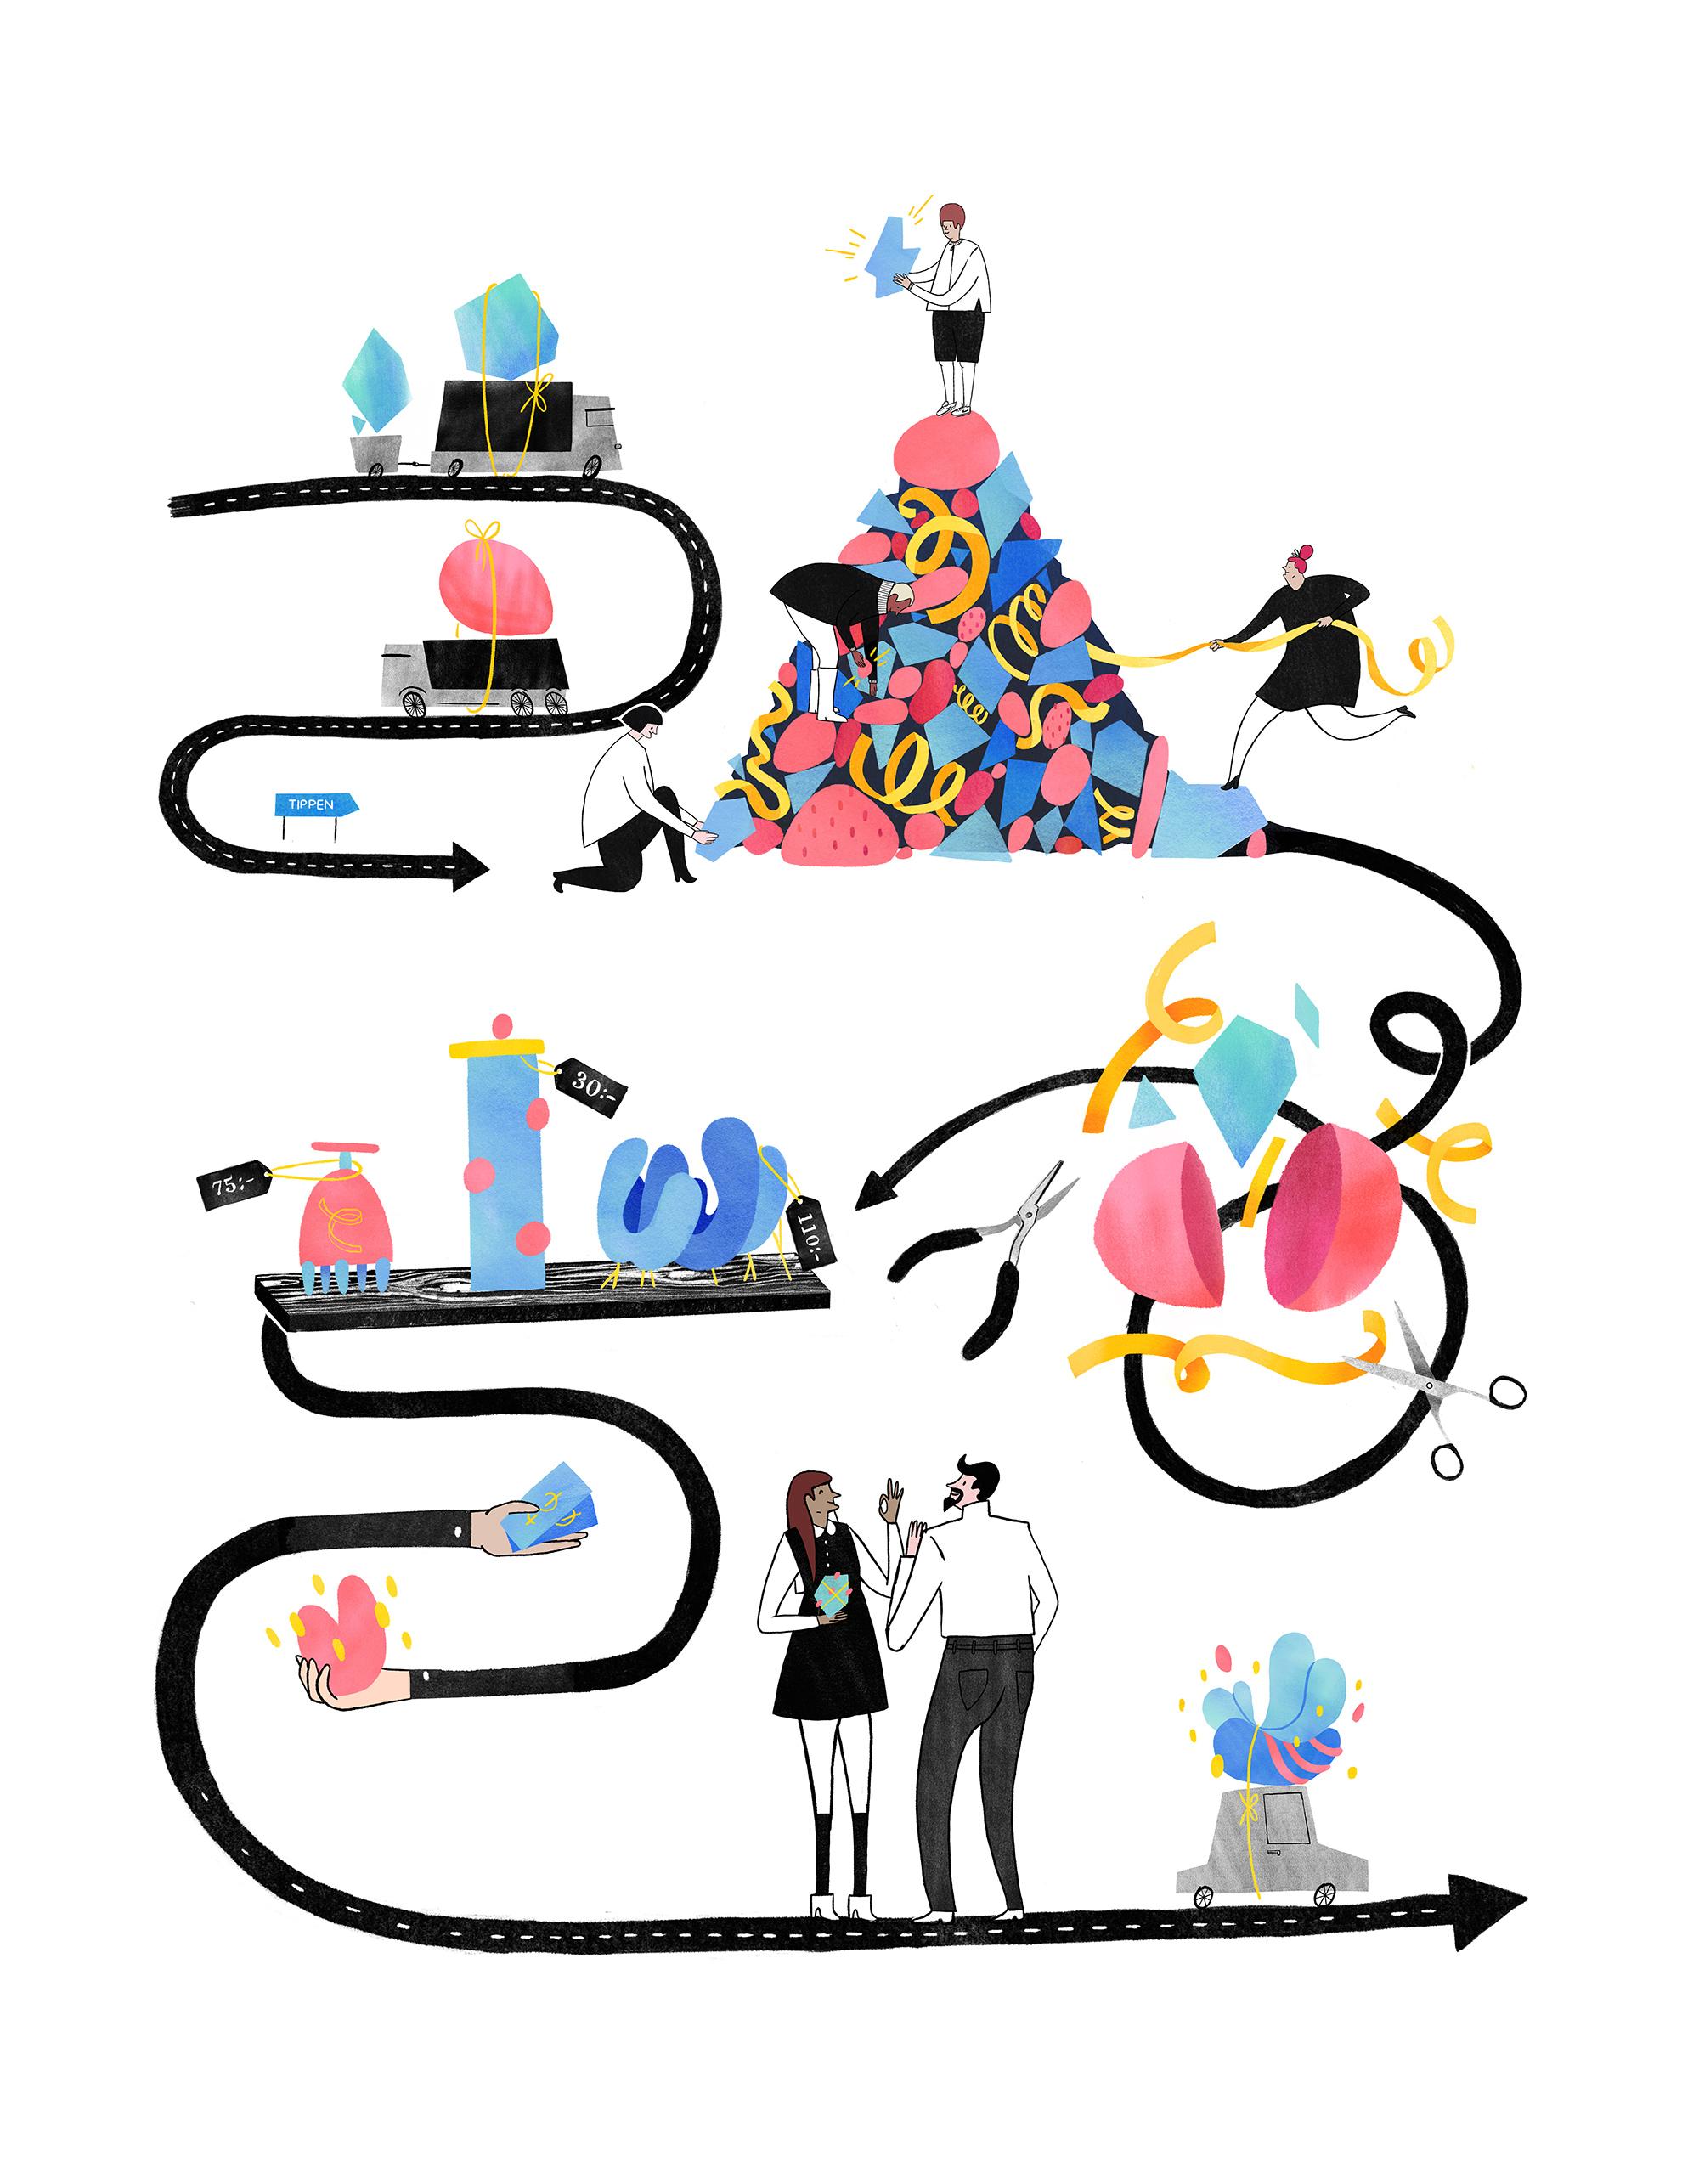 upcycling_illustration_01.jpg